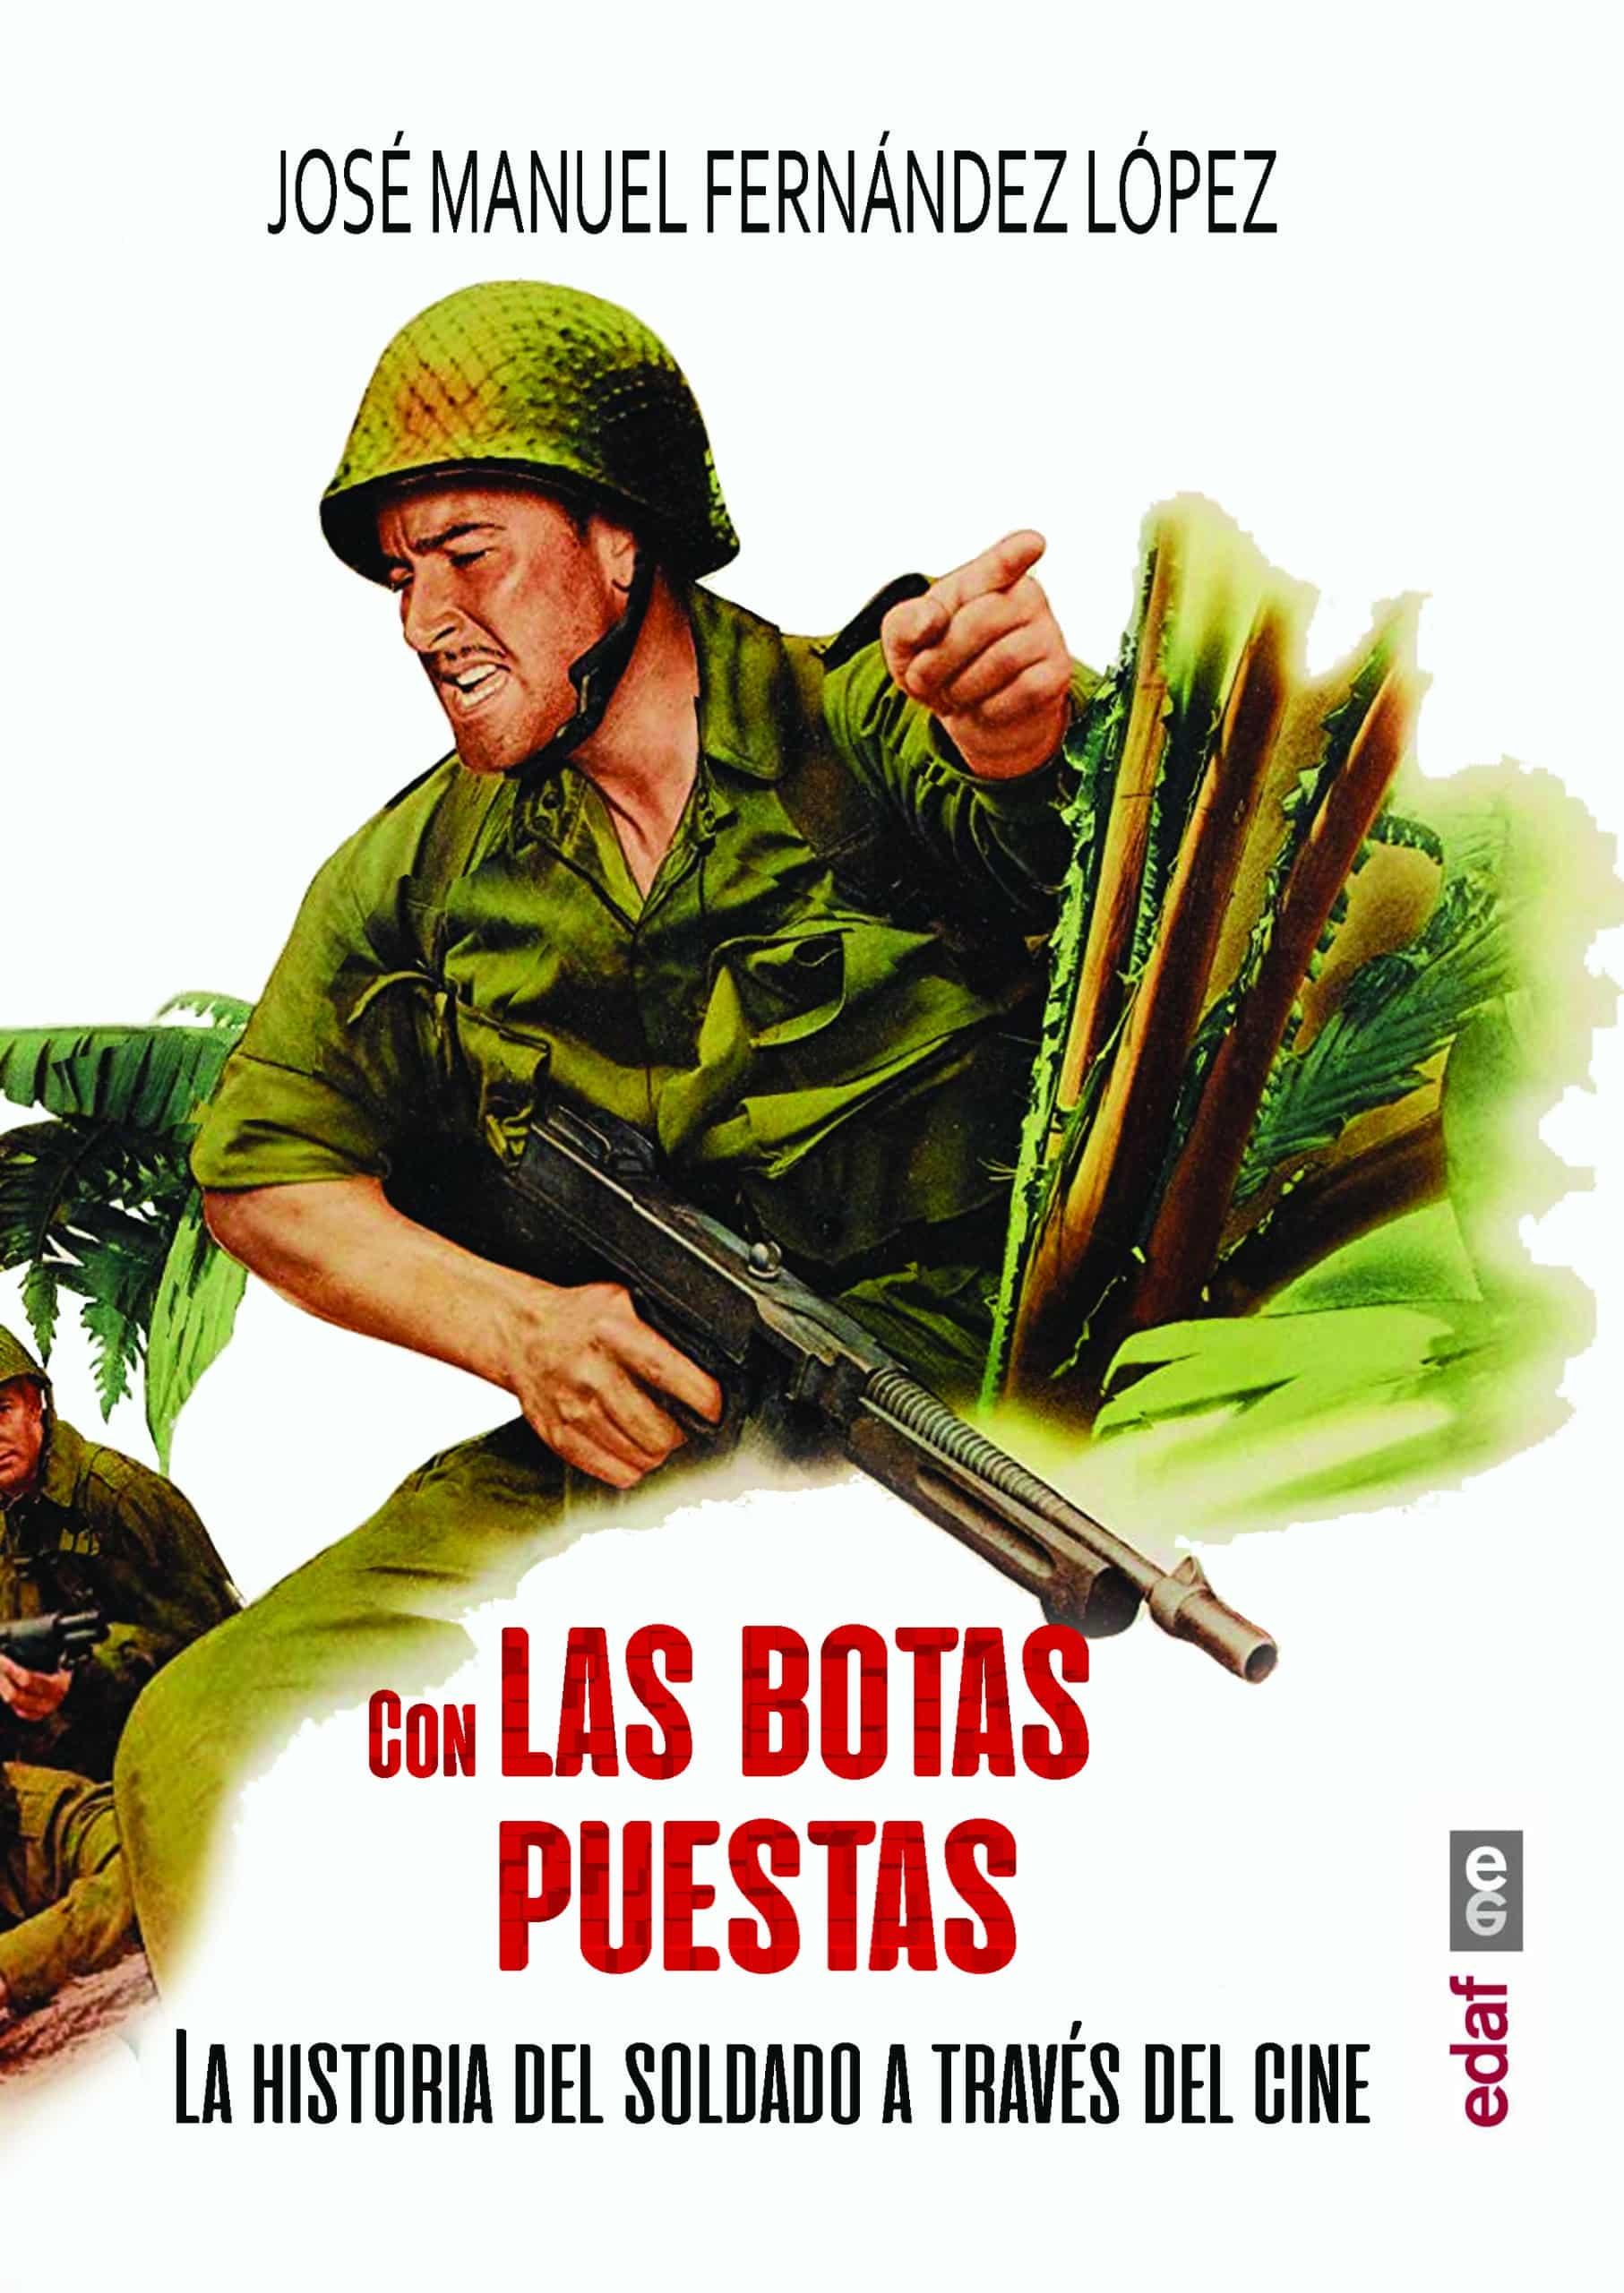 Con las botas puestas. La historia del soldado a través del cine, de José Manuel Fernández López